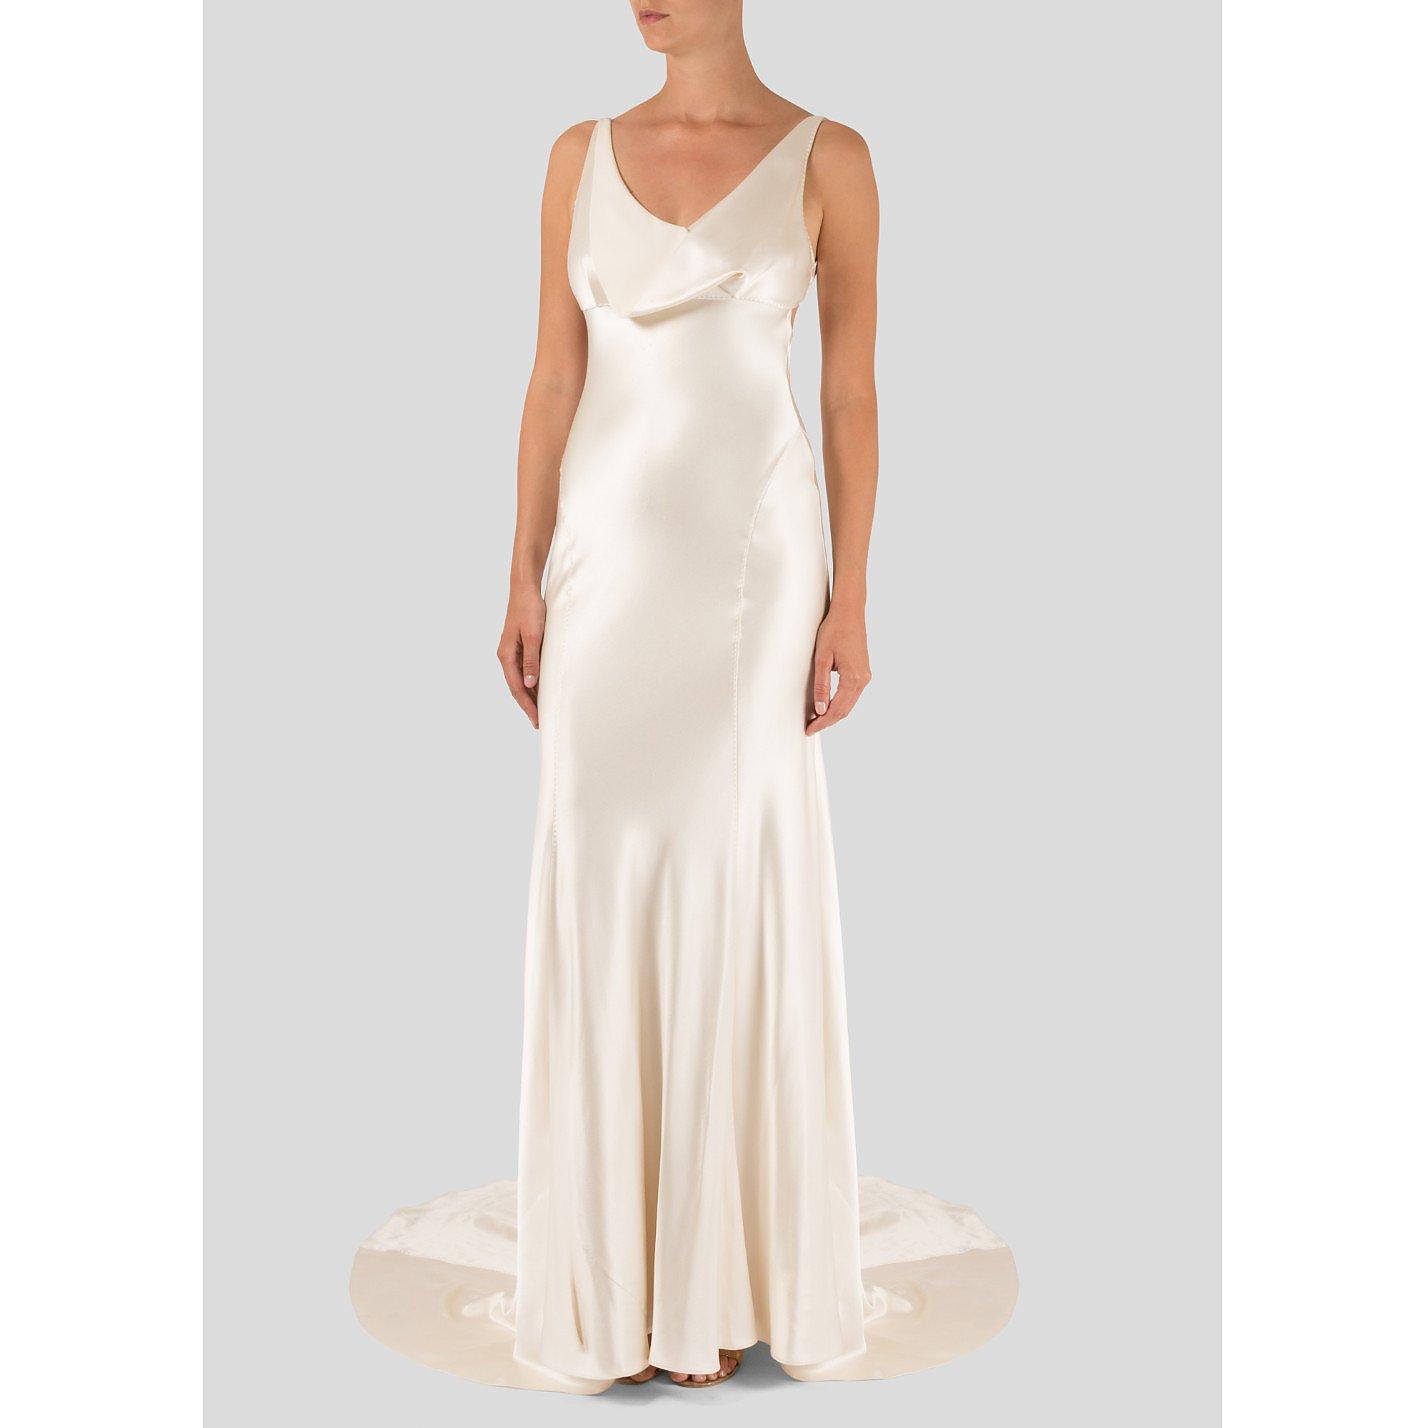 Amanda Wakeley Bridal The Amara Bridal Dress